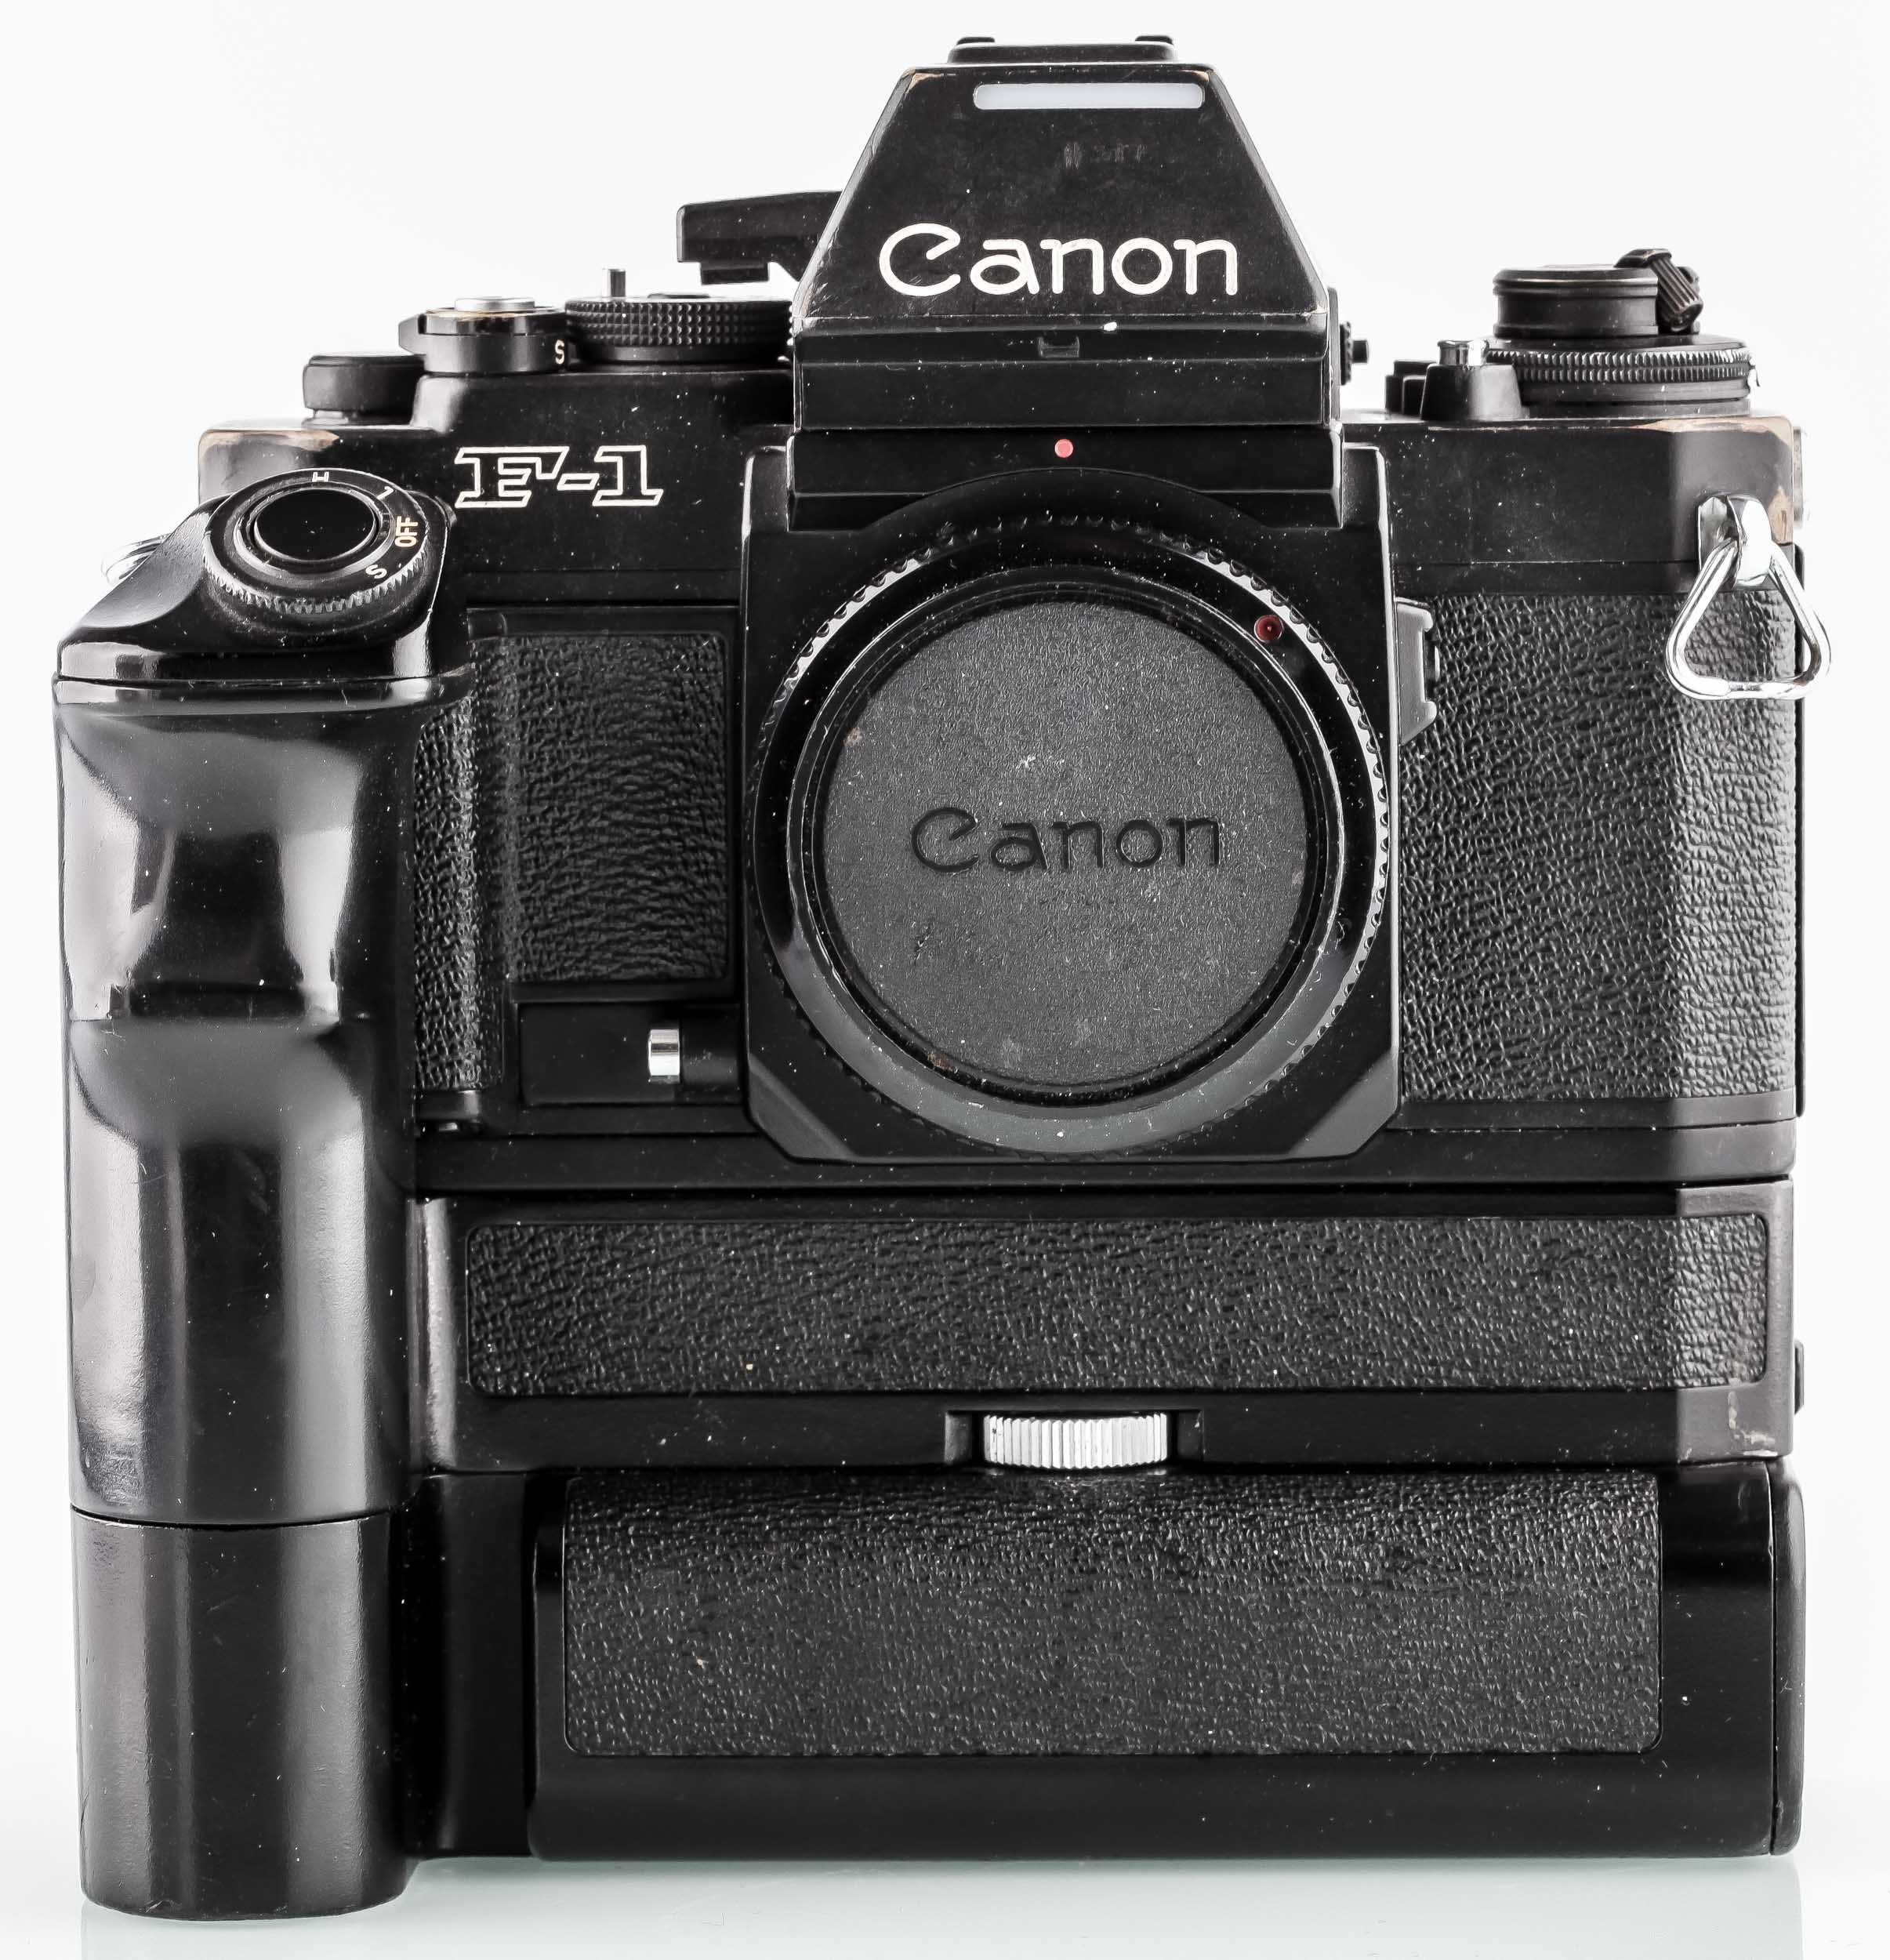 Canon F-1 - Canon AE Motor Drive FN